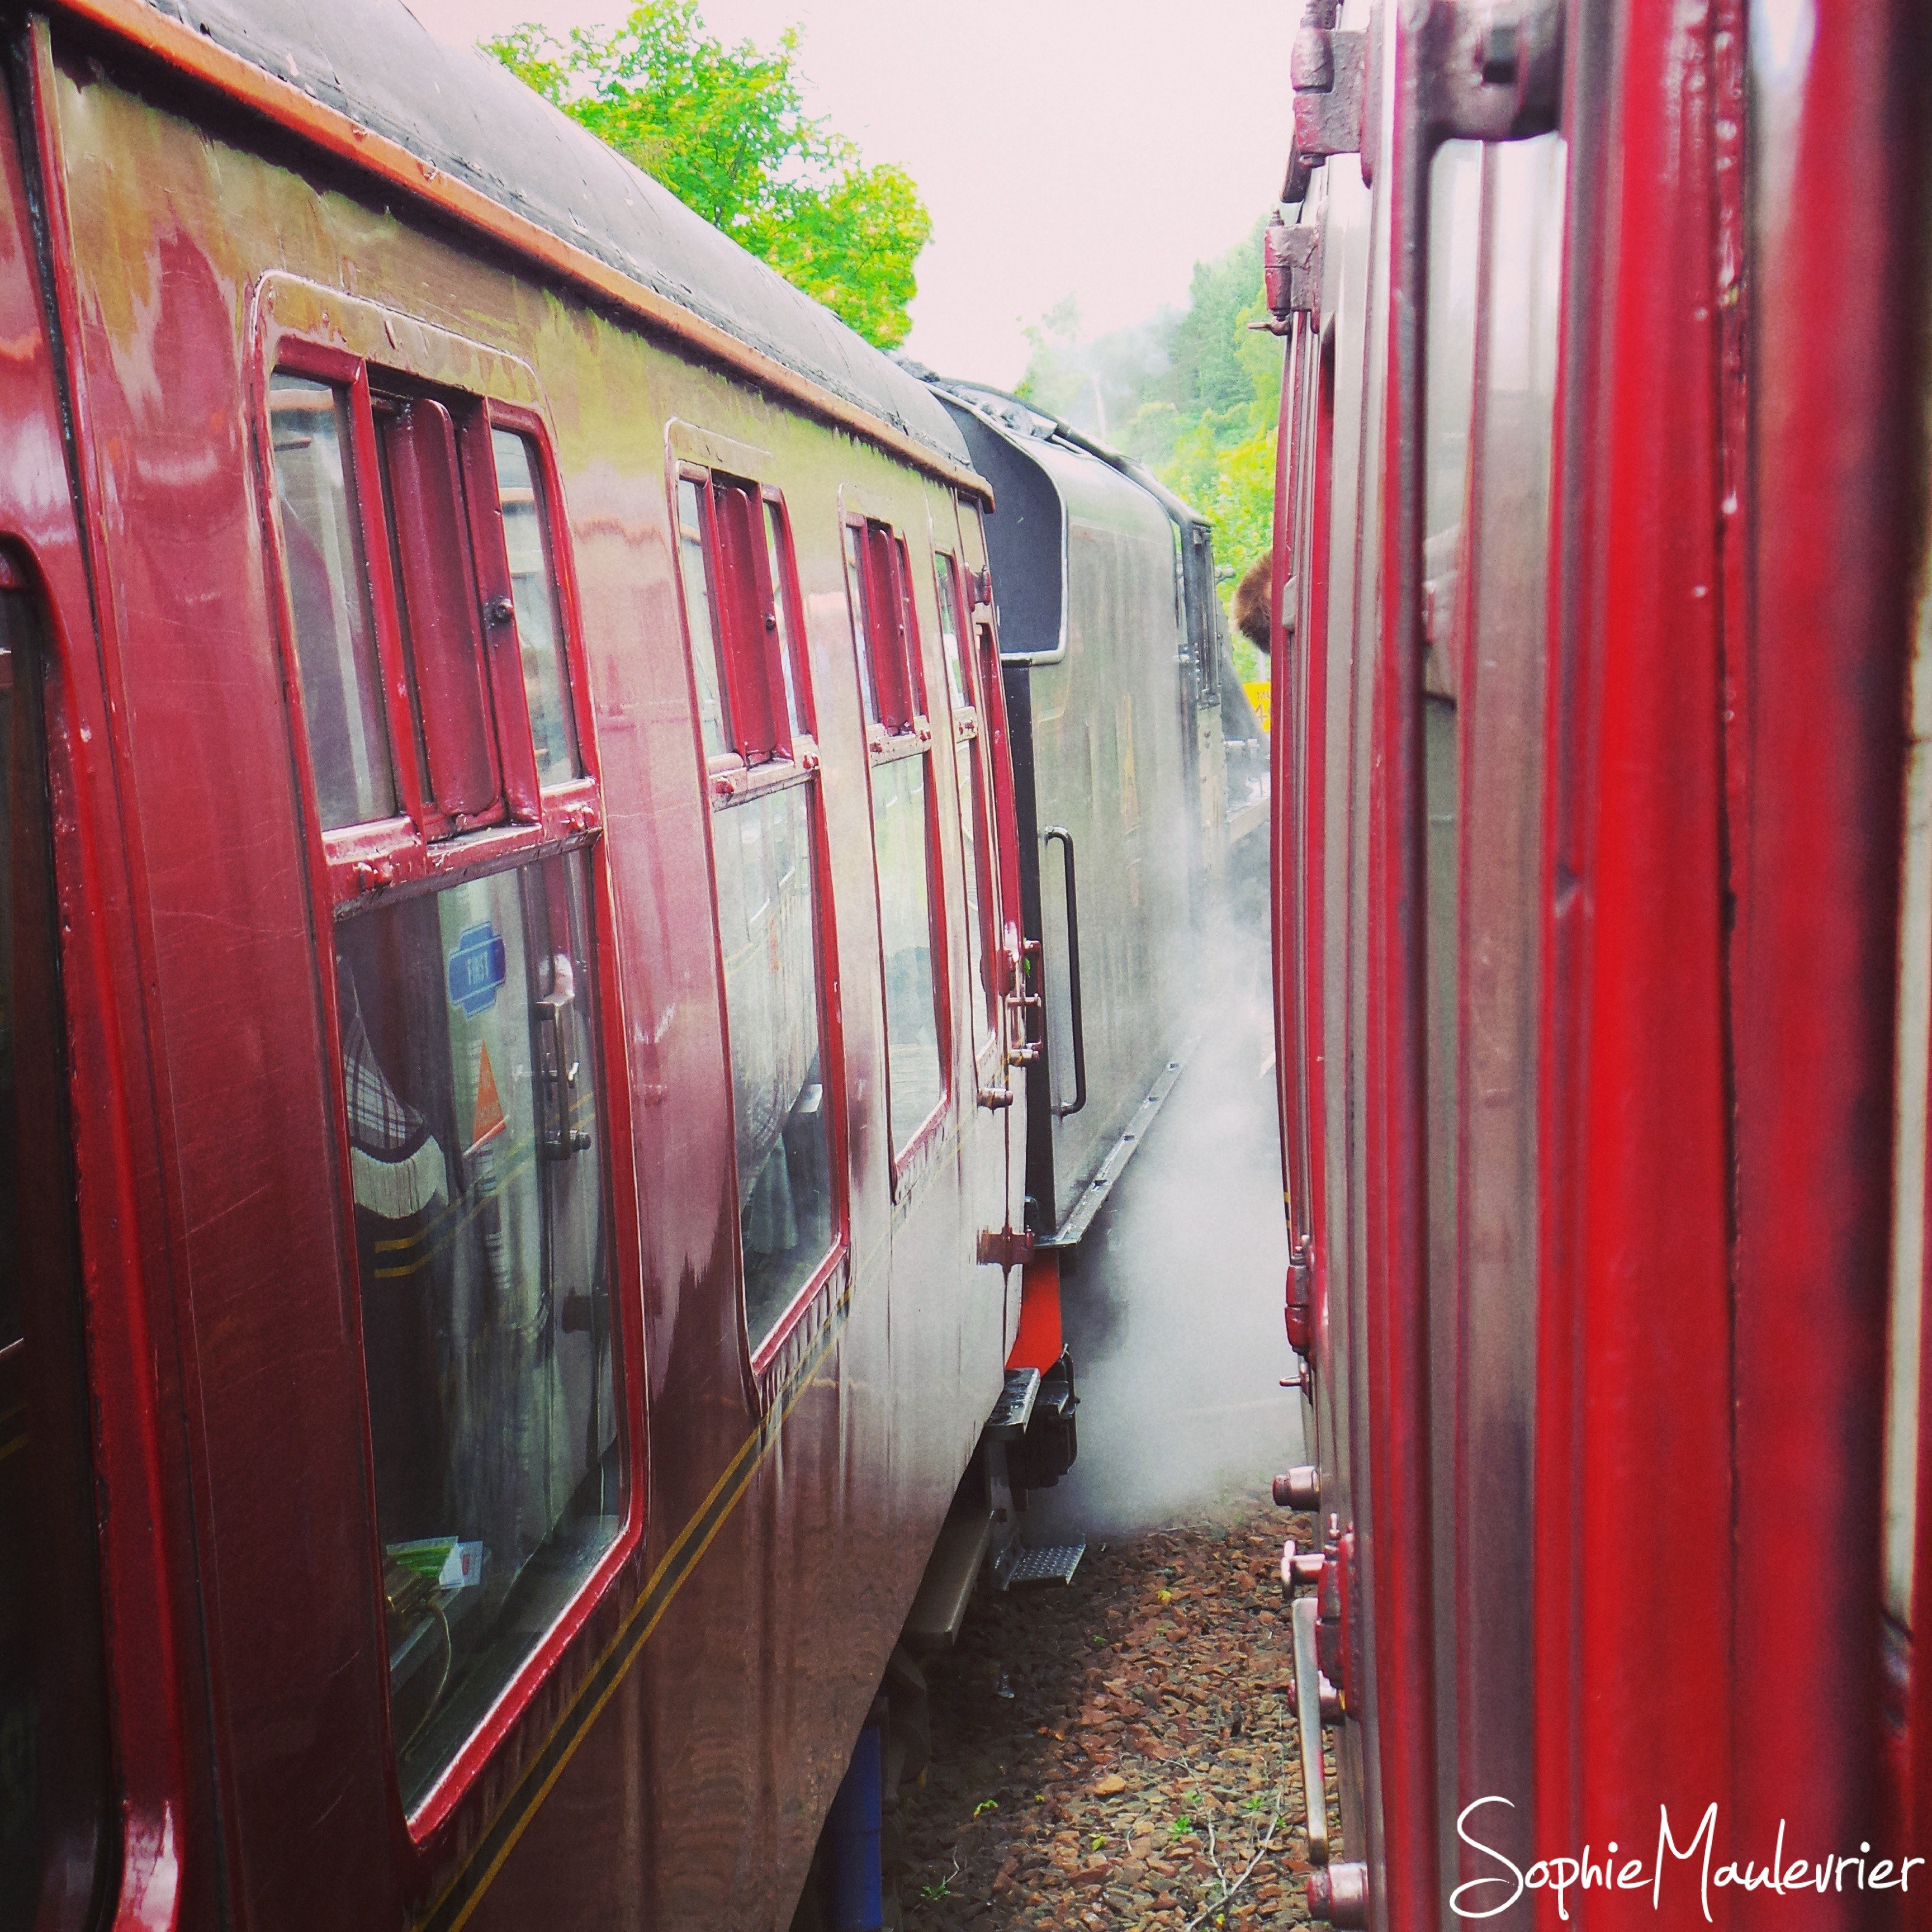 Magnifique train à vapeur - The Jacobite en Ecosse